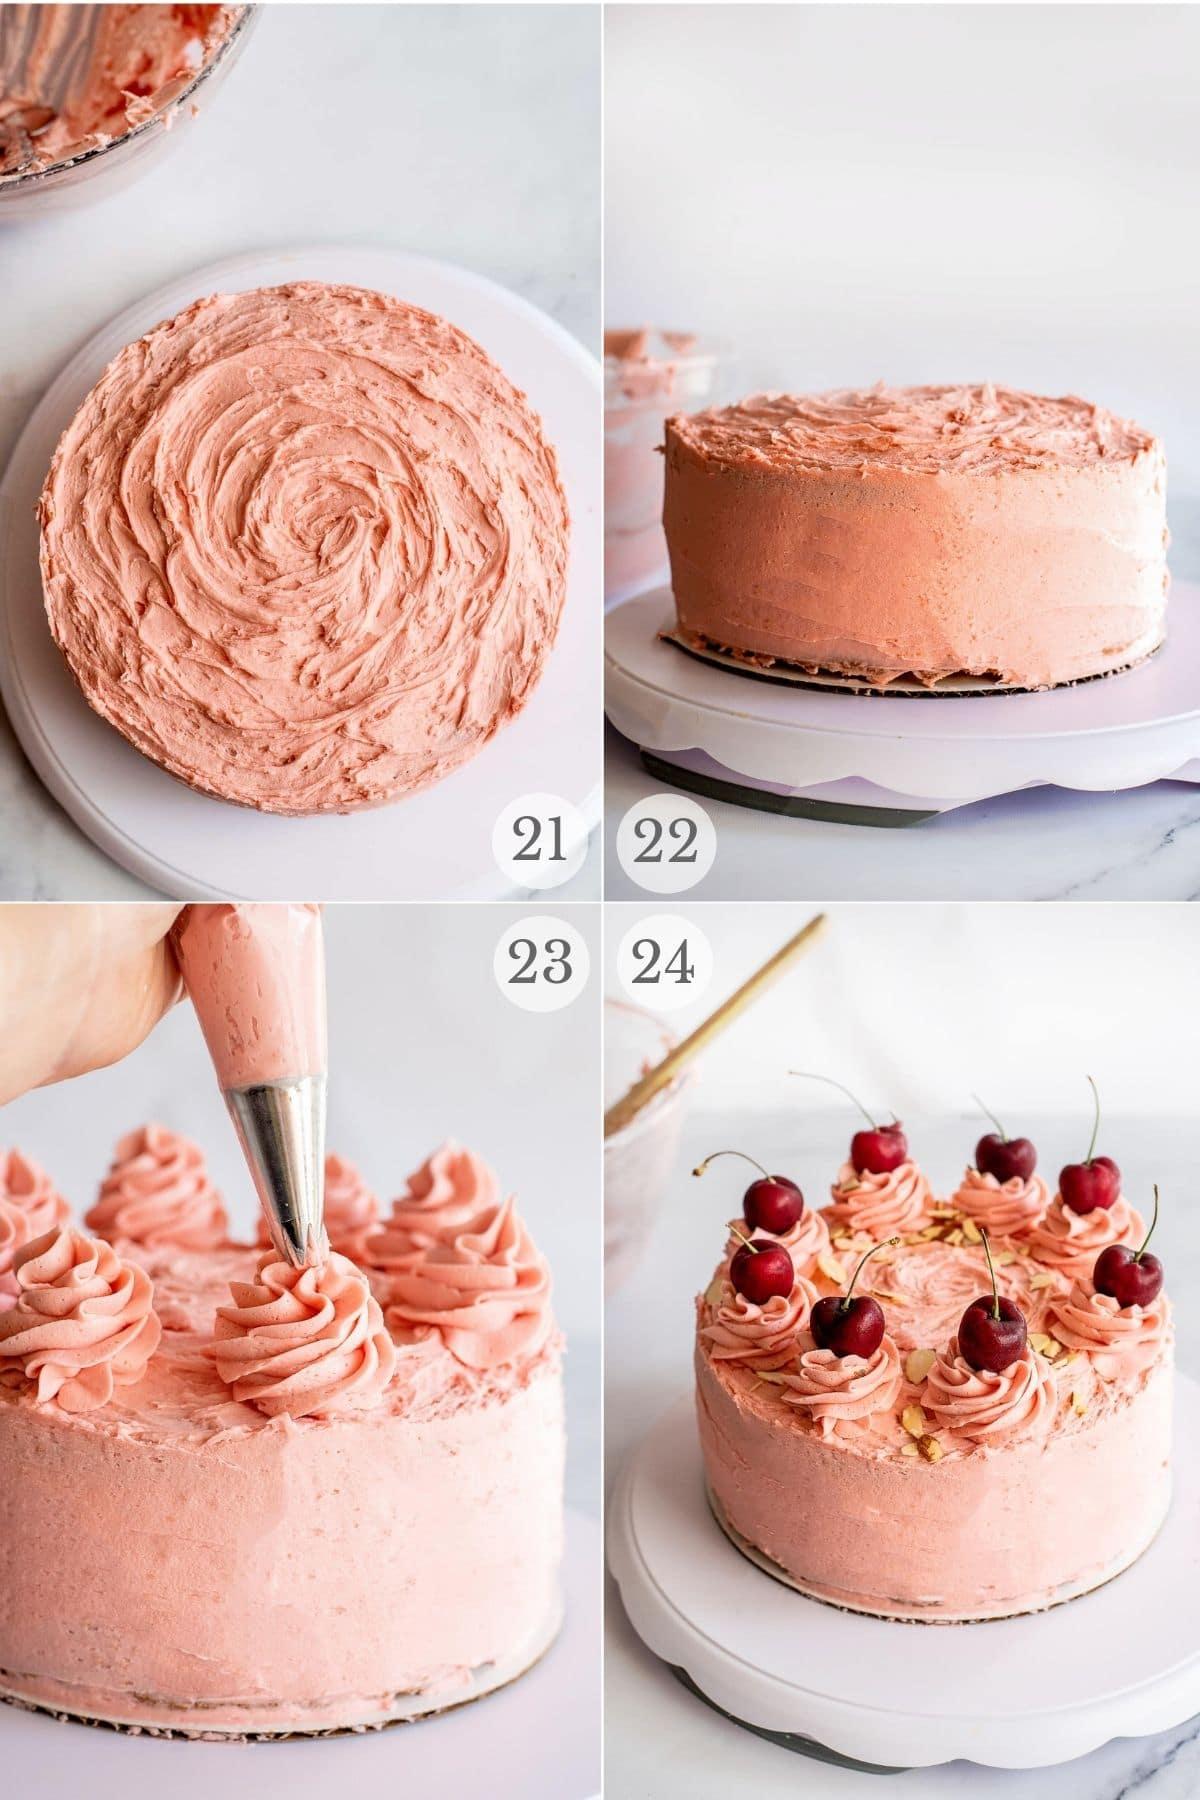 cherry sour cream cake recipe steps 21-24